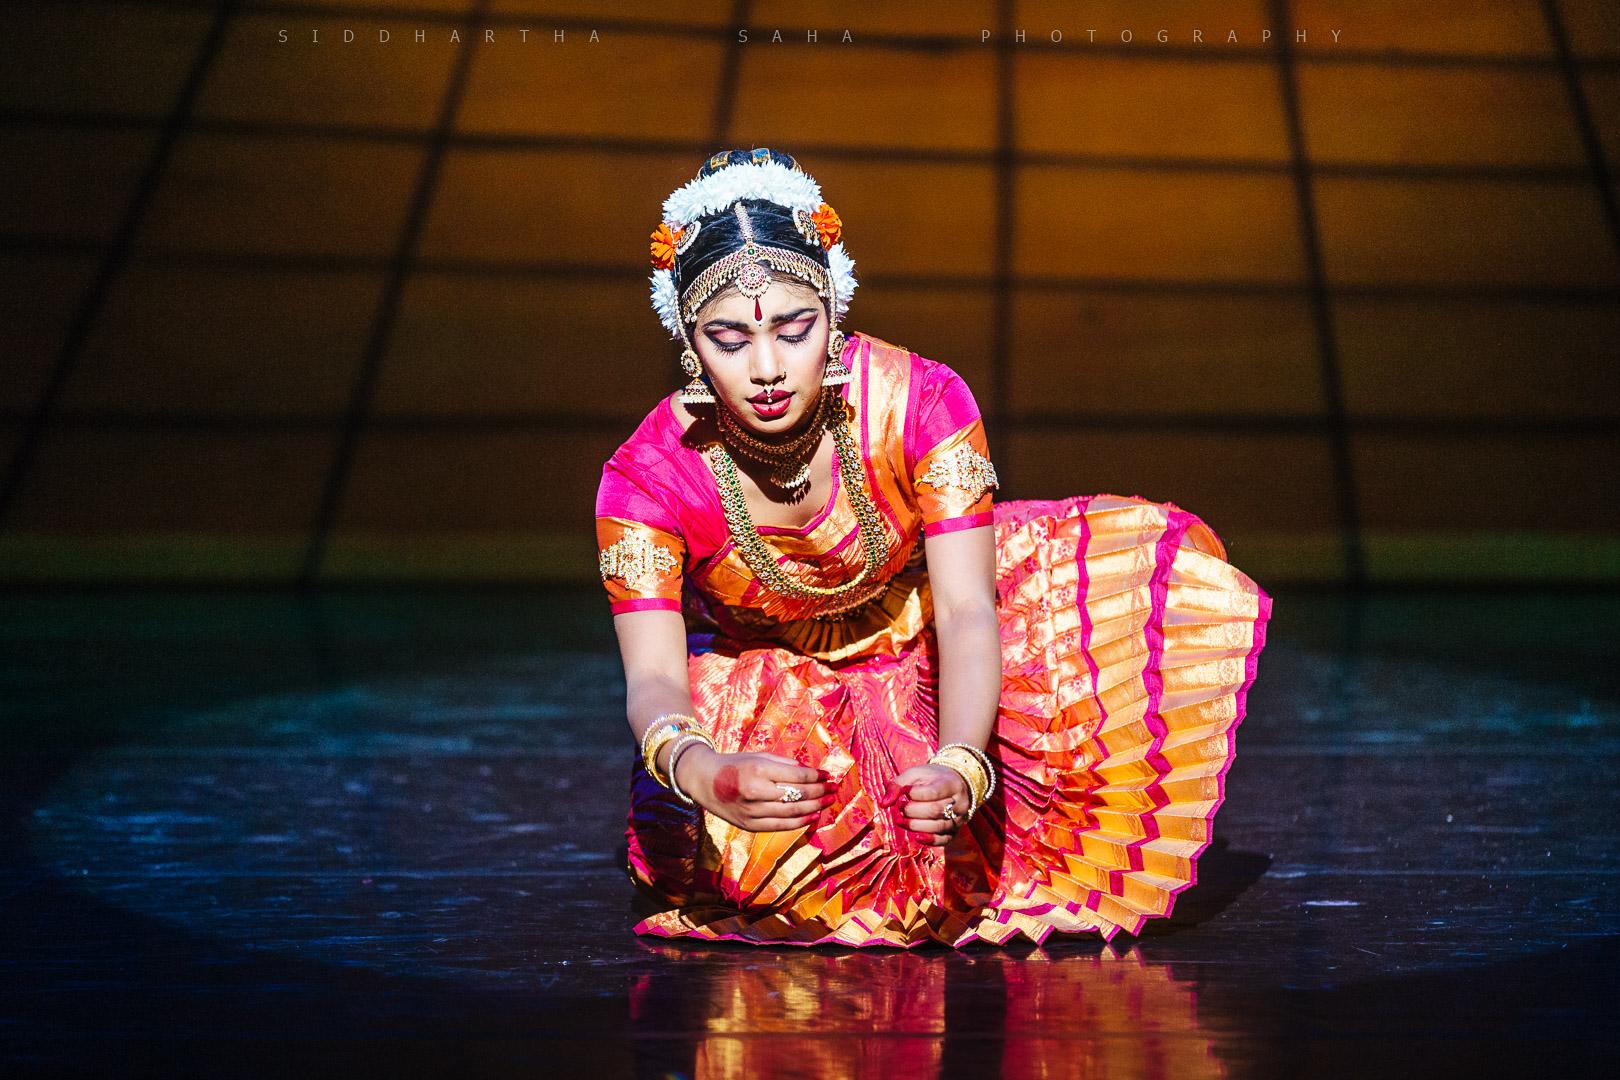 2015-09-06 - Riya Arangetram - _05Y6281